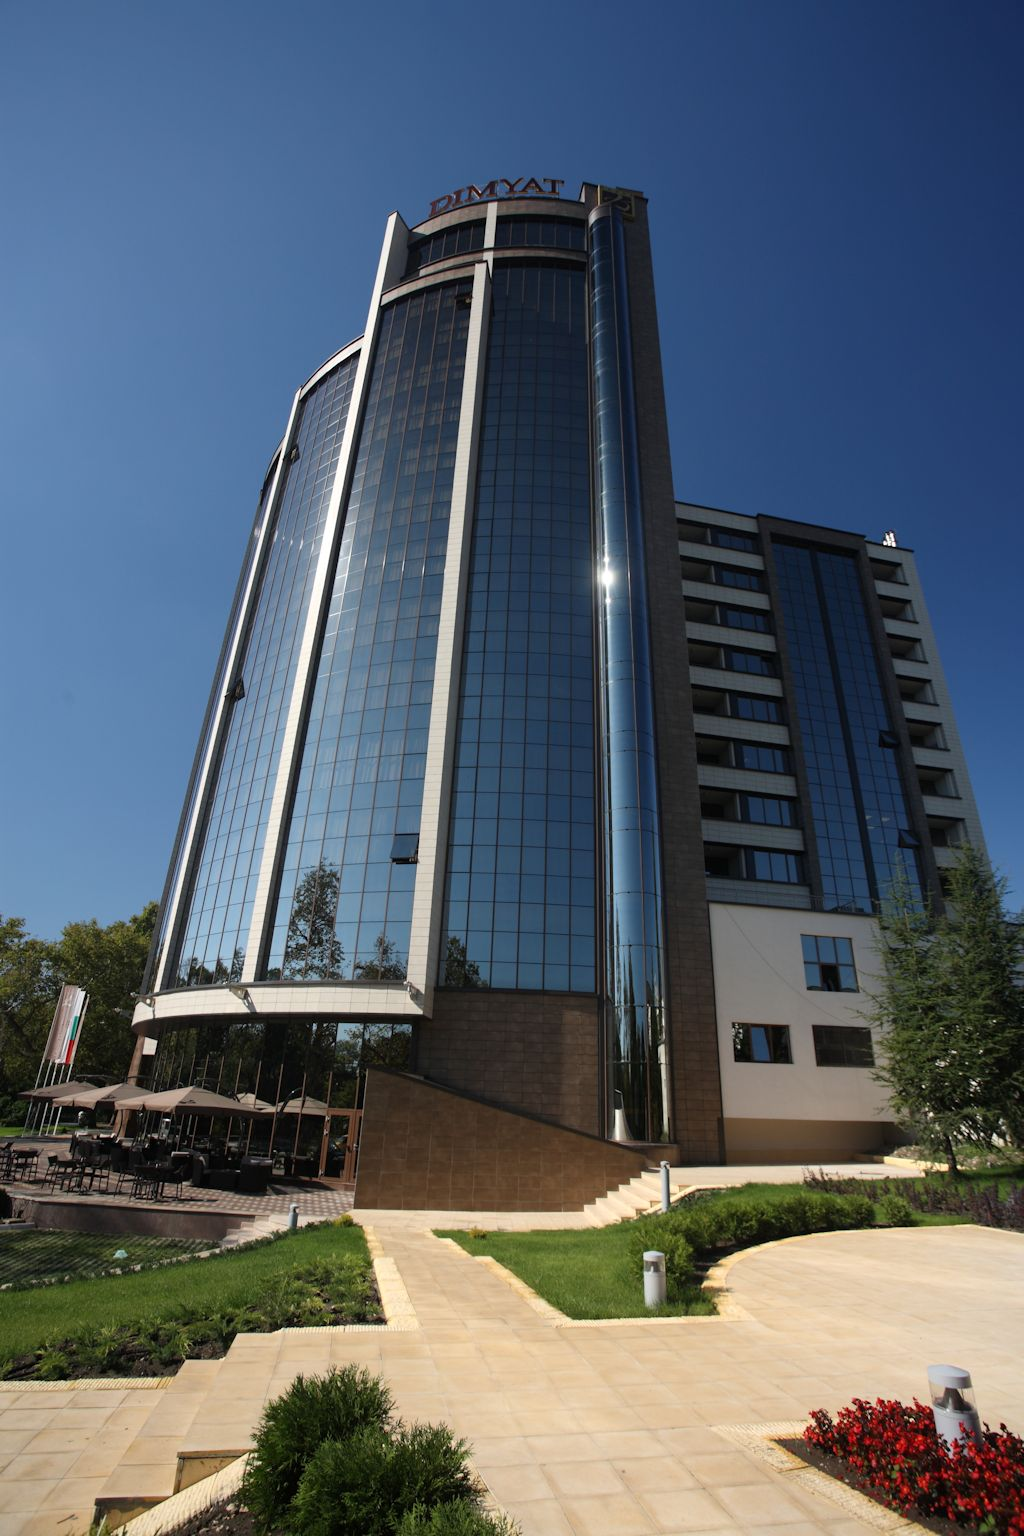 bulitglass_hotel_dimyat4_1420420456.jpg